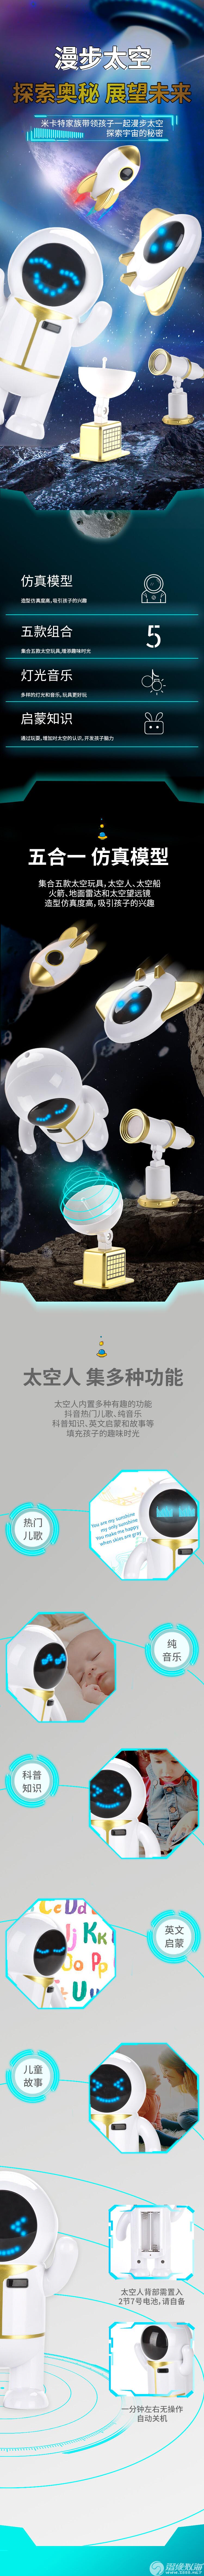 宝威-(2202)-太空人系列-中文版详情_01.jpg